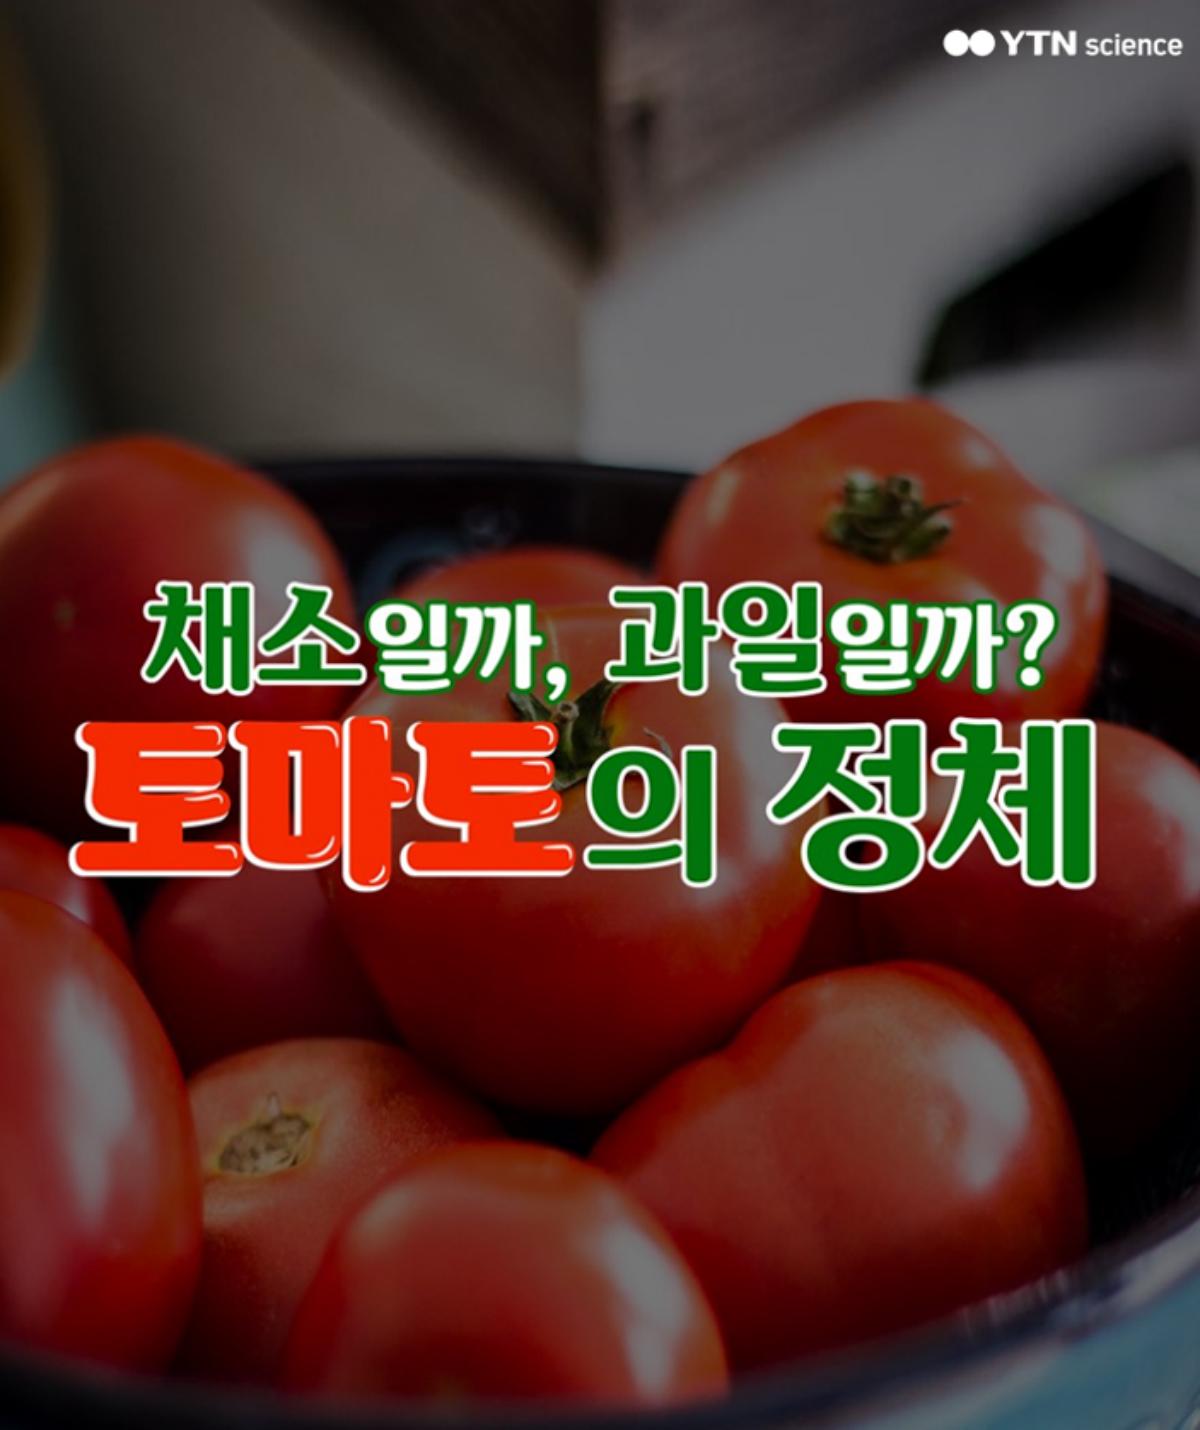 채소일까, 과일일까? 토마토의 정체 이미지